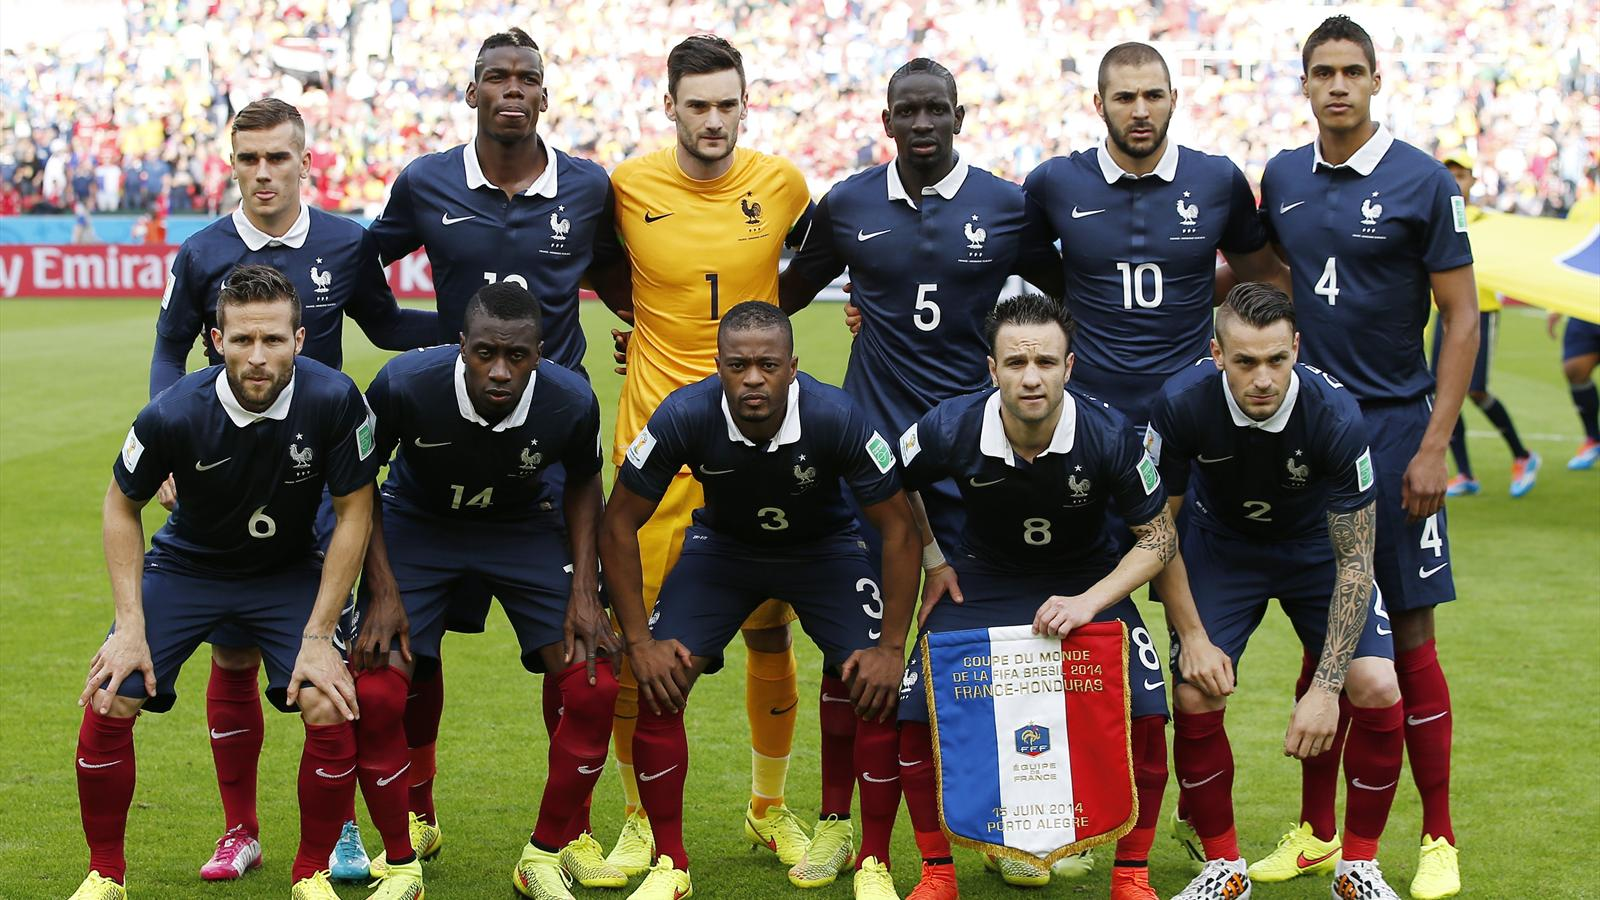 France honduras ils ne la chantent pas mais ils ont besoin d 39 entendre leur marseillaise - Classement equipe de france coupe du monde 2014 ...